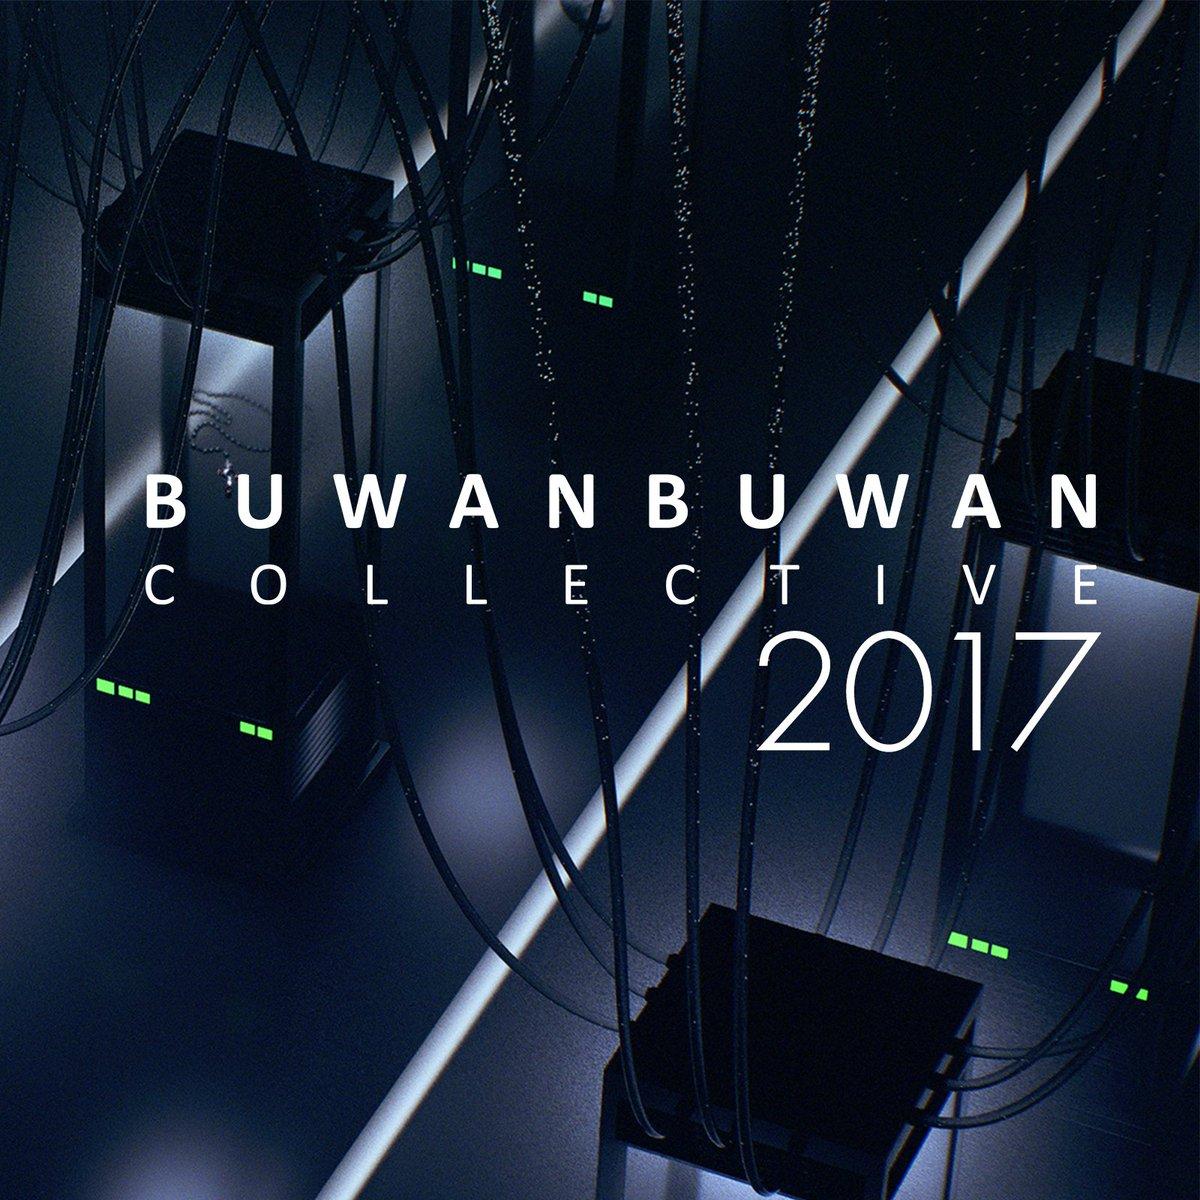 buwanbuwancollective (@buwanbuwan) | Twitter